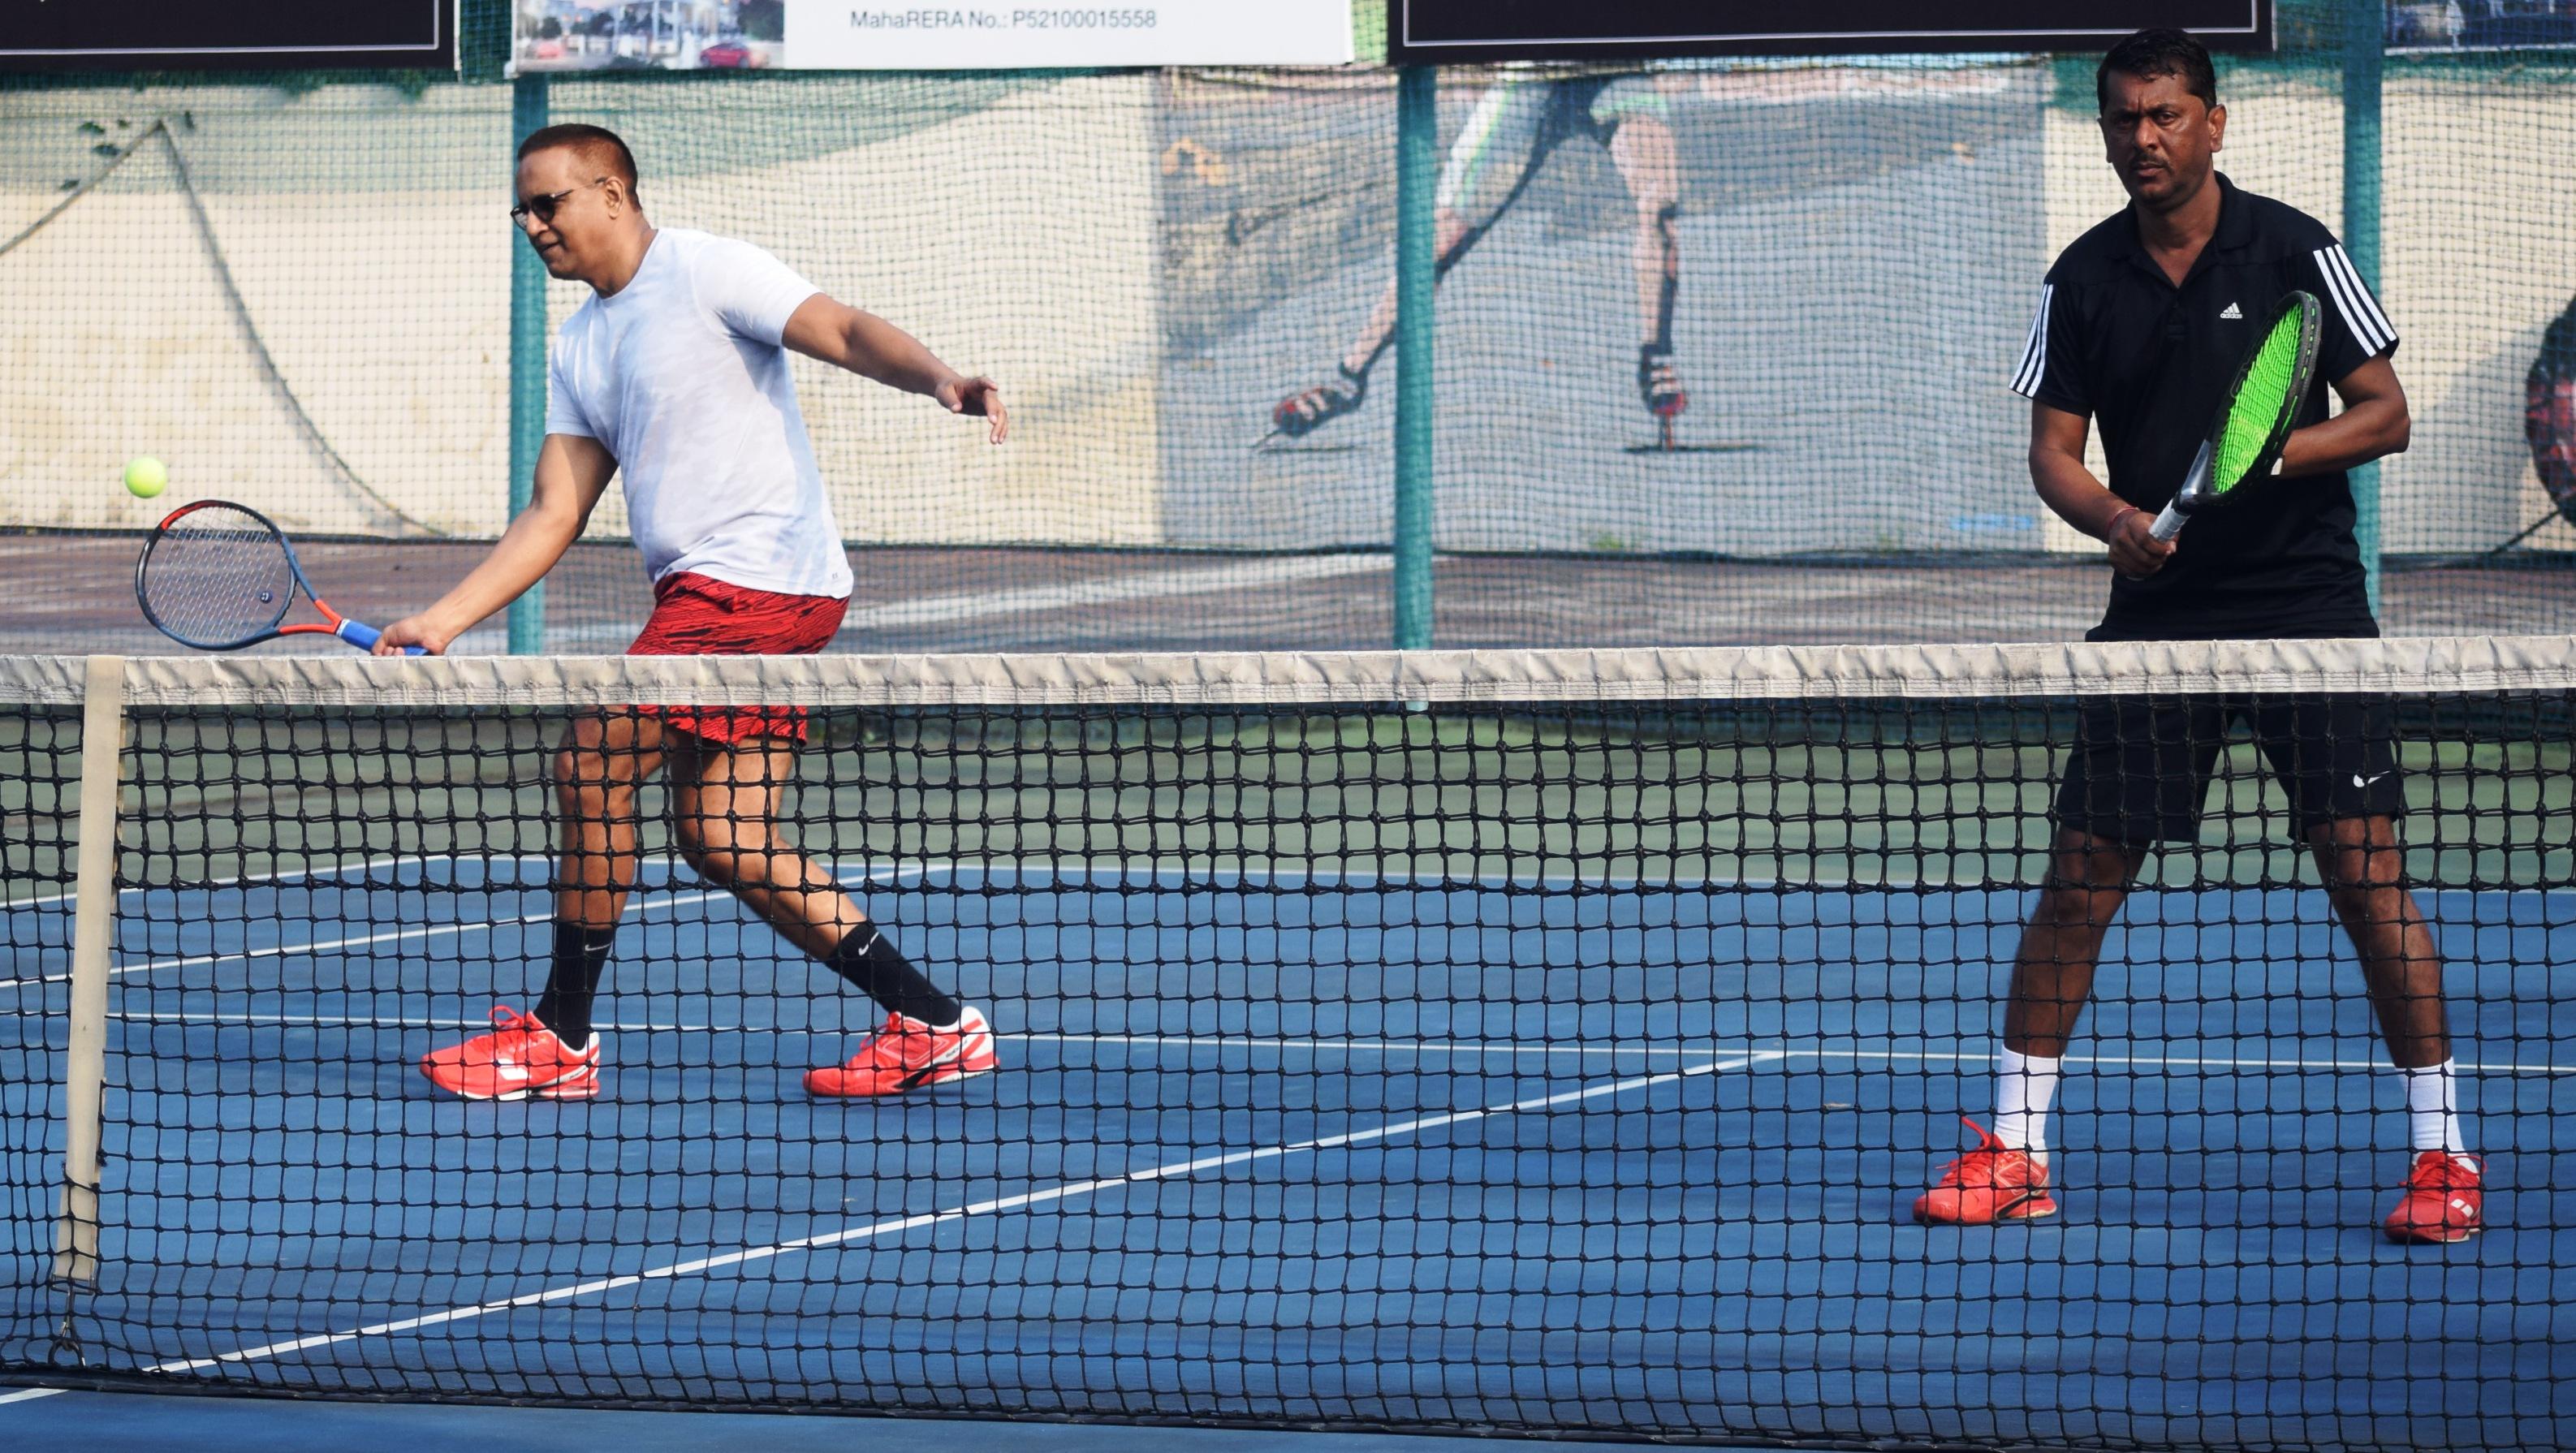 सोलारिस आंतर क्लब टेनिस अजिंक्यपद स्पर्धेत आरपीटीए सोलारिस, डायमंड्स, एसपी सुलतान्स, महाराष्ट्र मंडळ संघांची विजयी सलामी